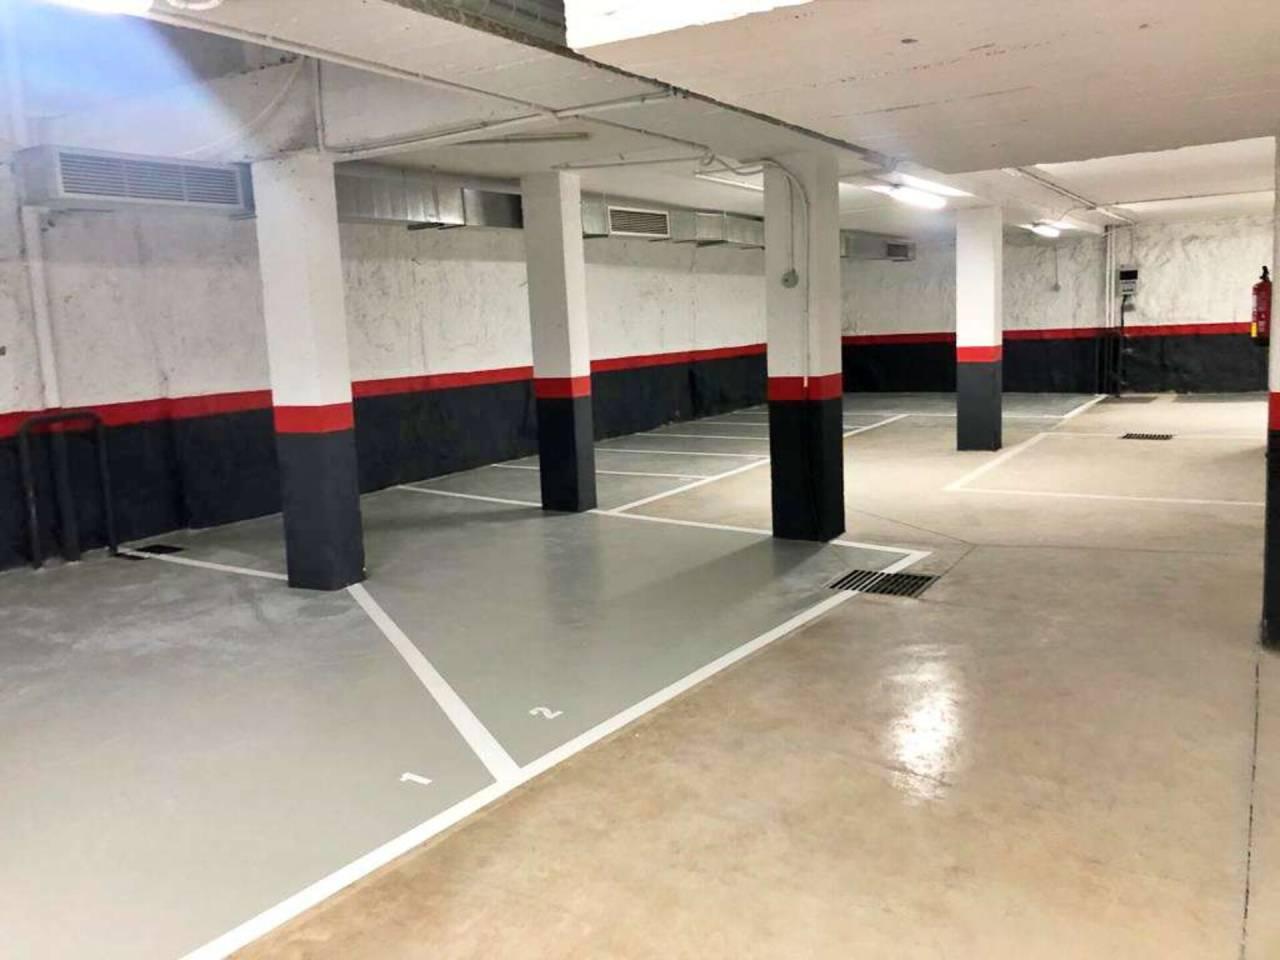 Plazas de parking para coche pequeño y para moto en San Diego-Puente de Vallecas